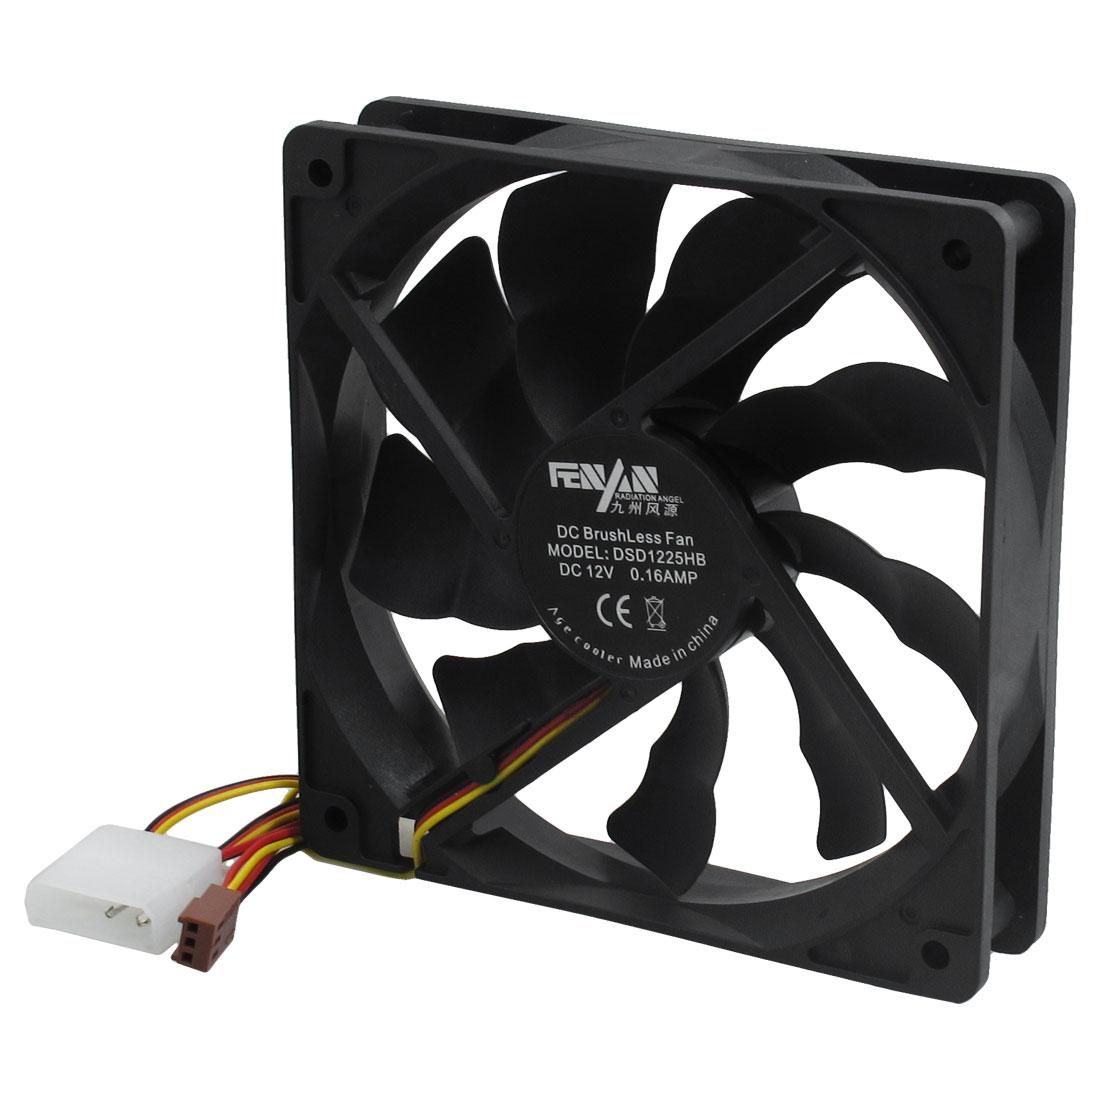 Noiseless Computer Desktop Cool Cooling Fan Heat Sink Black